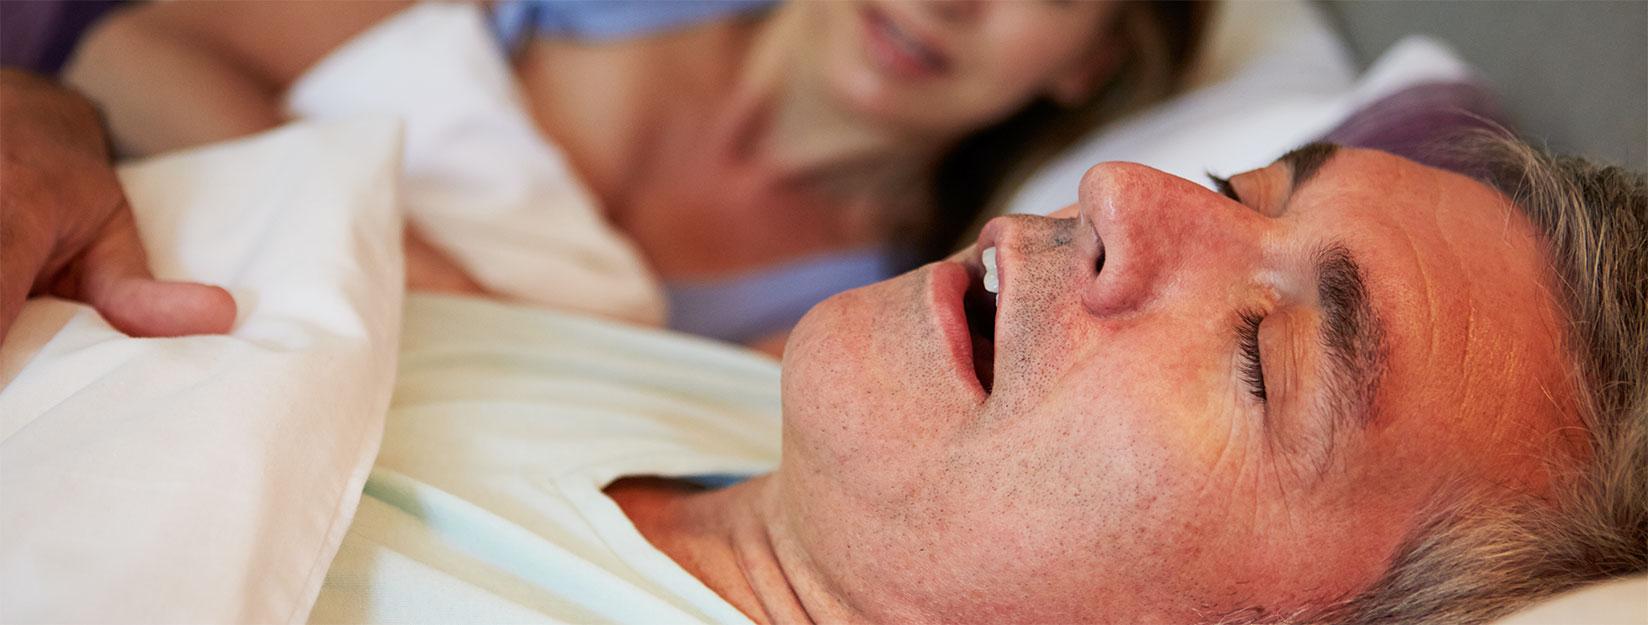 Las consecuencias y tratamientos de la apnea del sueño - Marzo ...